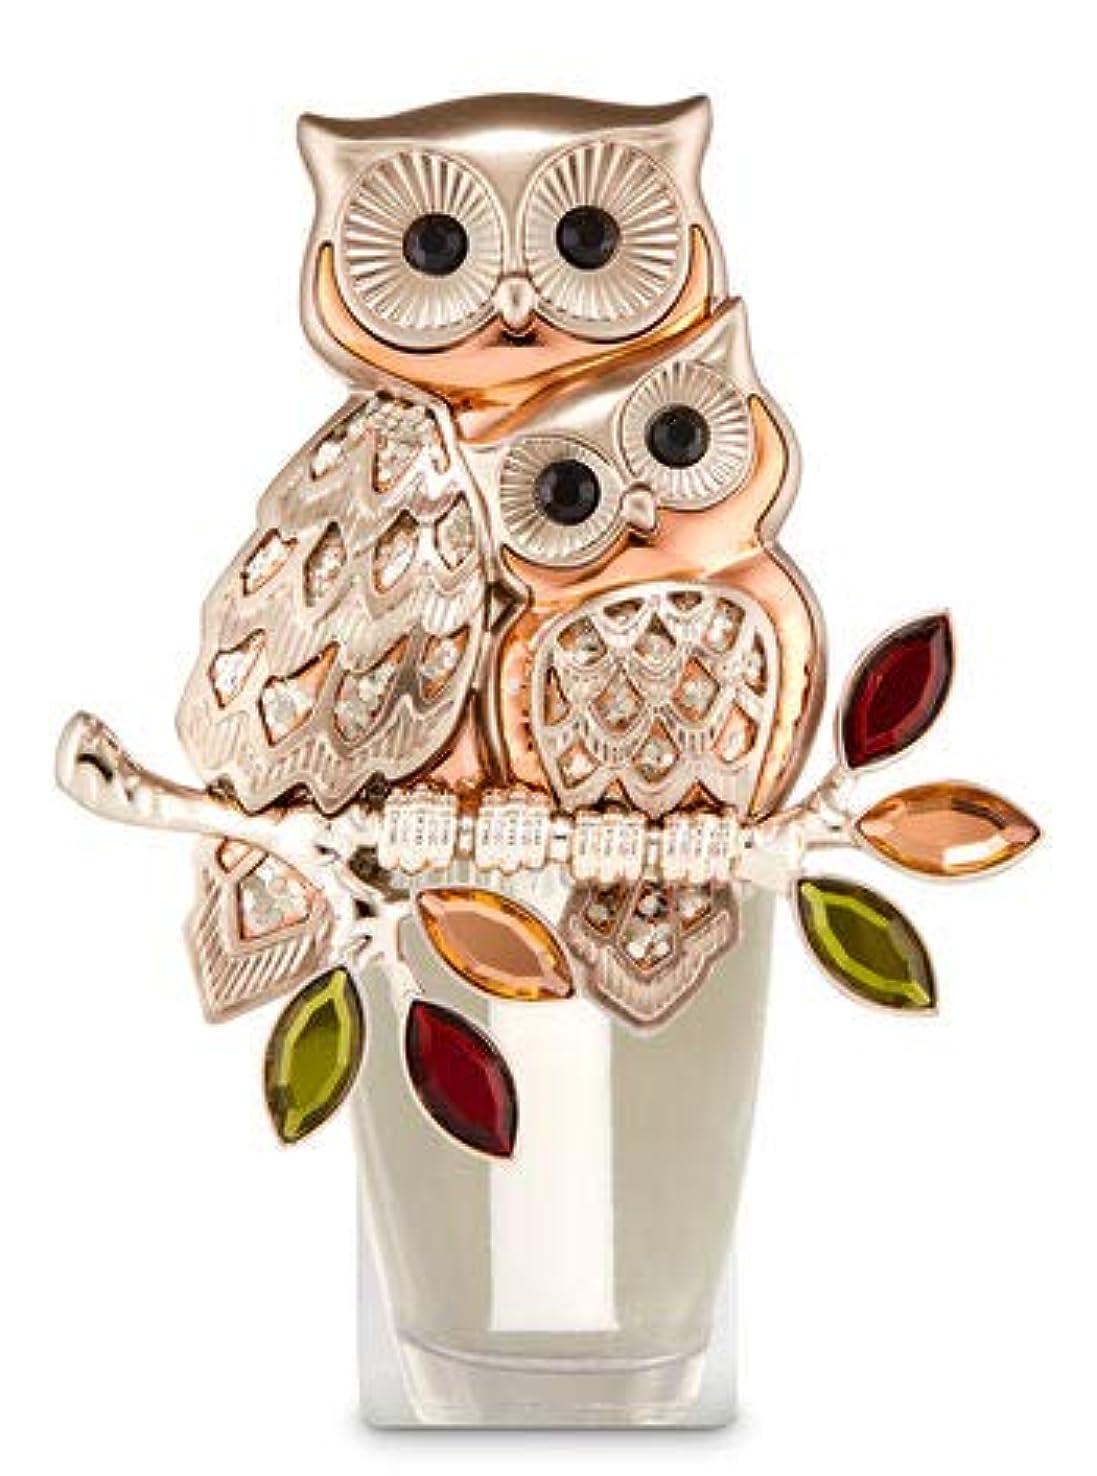 補う木材ガイダンス【Bath&Body Works/バス&ボディワークス】 ルームフレグランス プラグインスターター (本体のみ) オウルズ ナイトライト フクロウ Wallflowers Fragrance Plug Owls Night Light [並行輸入品]